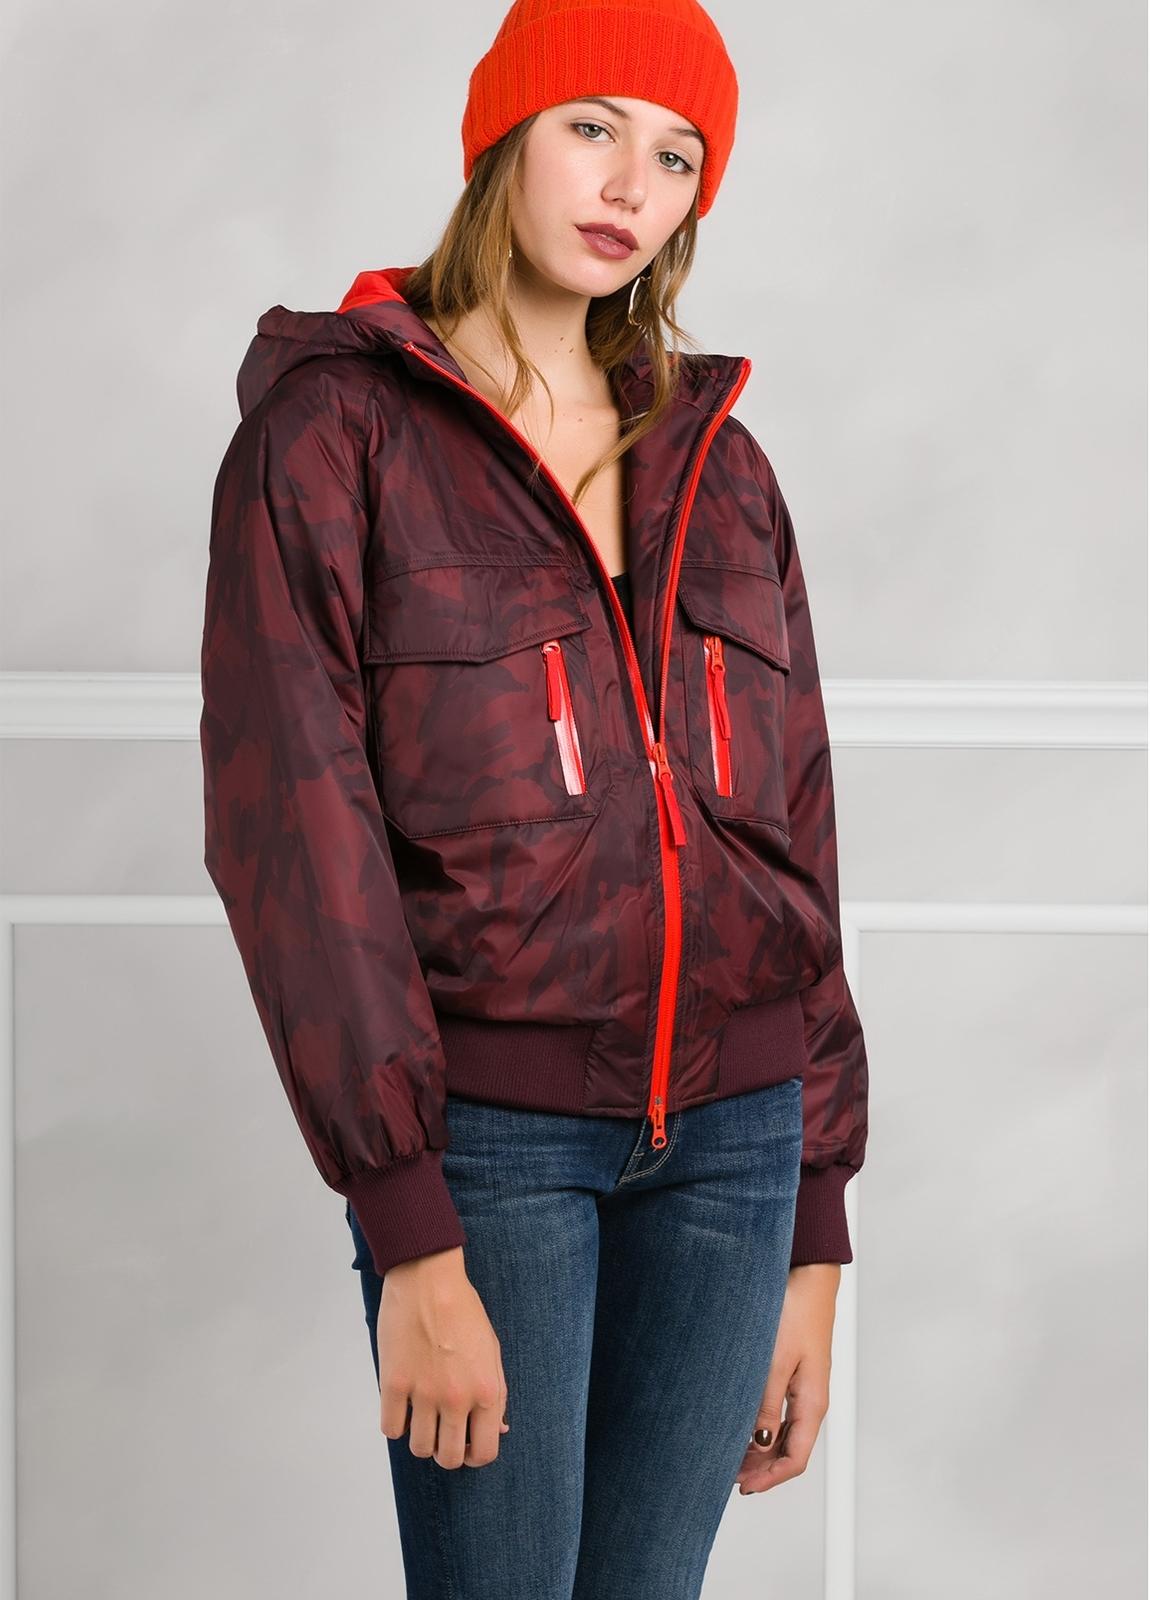 Cazadora woman impermeable con cremalleras y bolsillos, color vino. - Ítem1